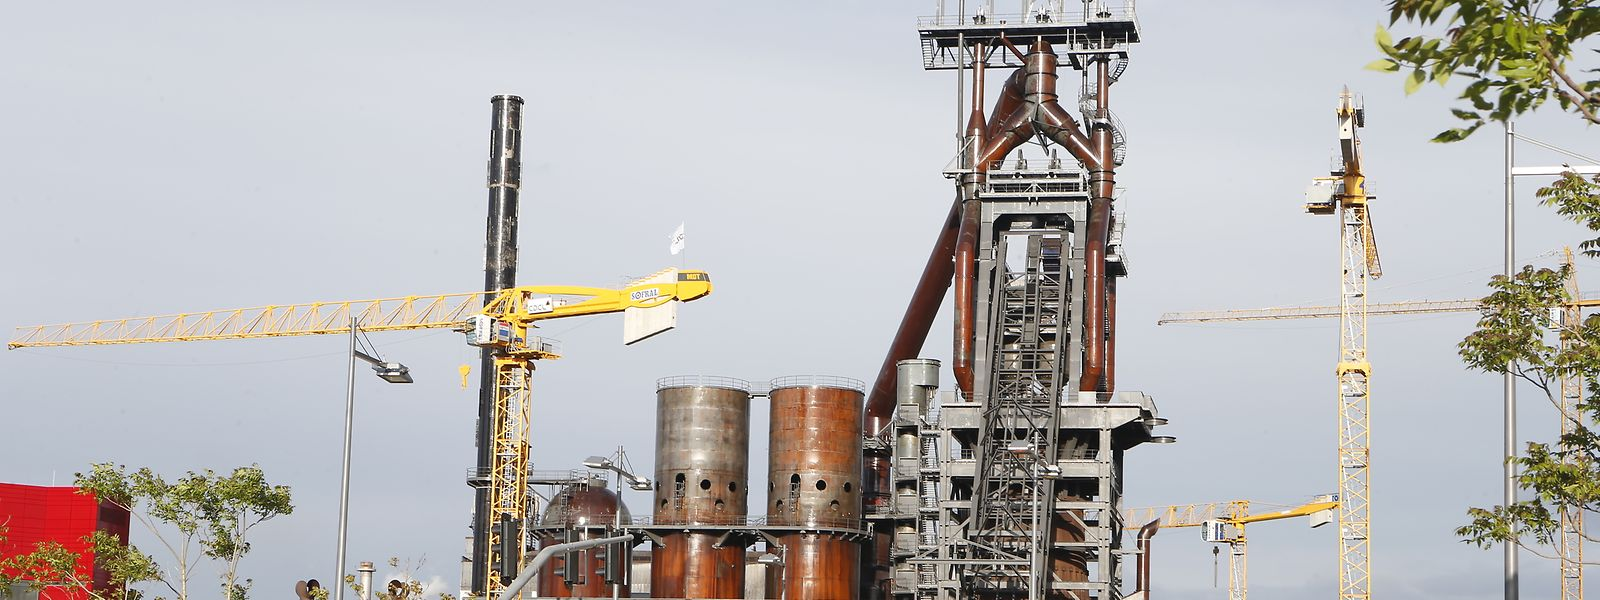 Le Fonds Belval va disposer de 35,3 millions pour effectuer les aménagements des infrastructures industrielles